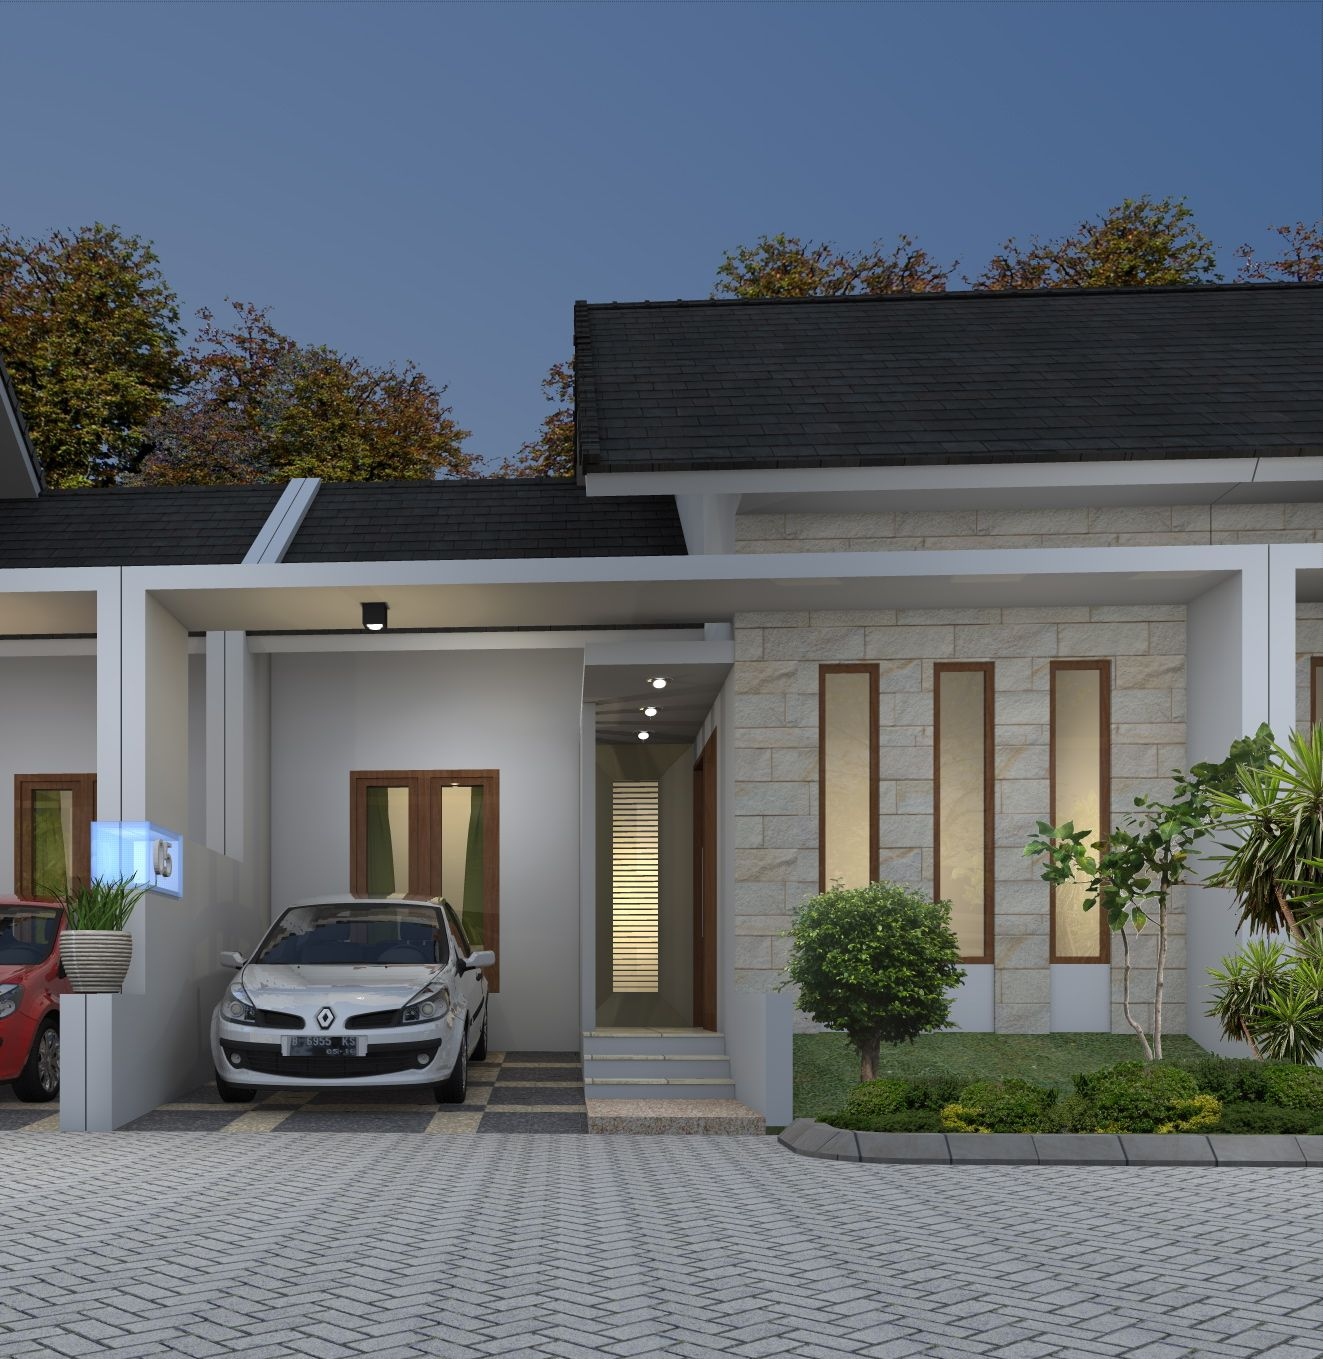 Berikut adalah gambar tampak depan dari desain rumah